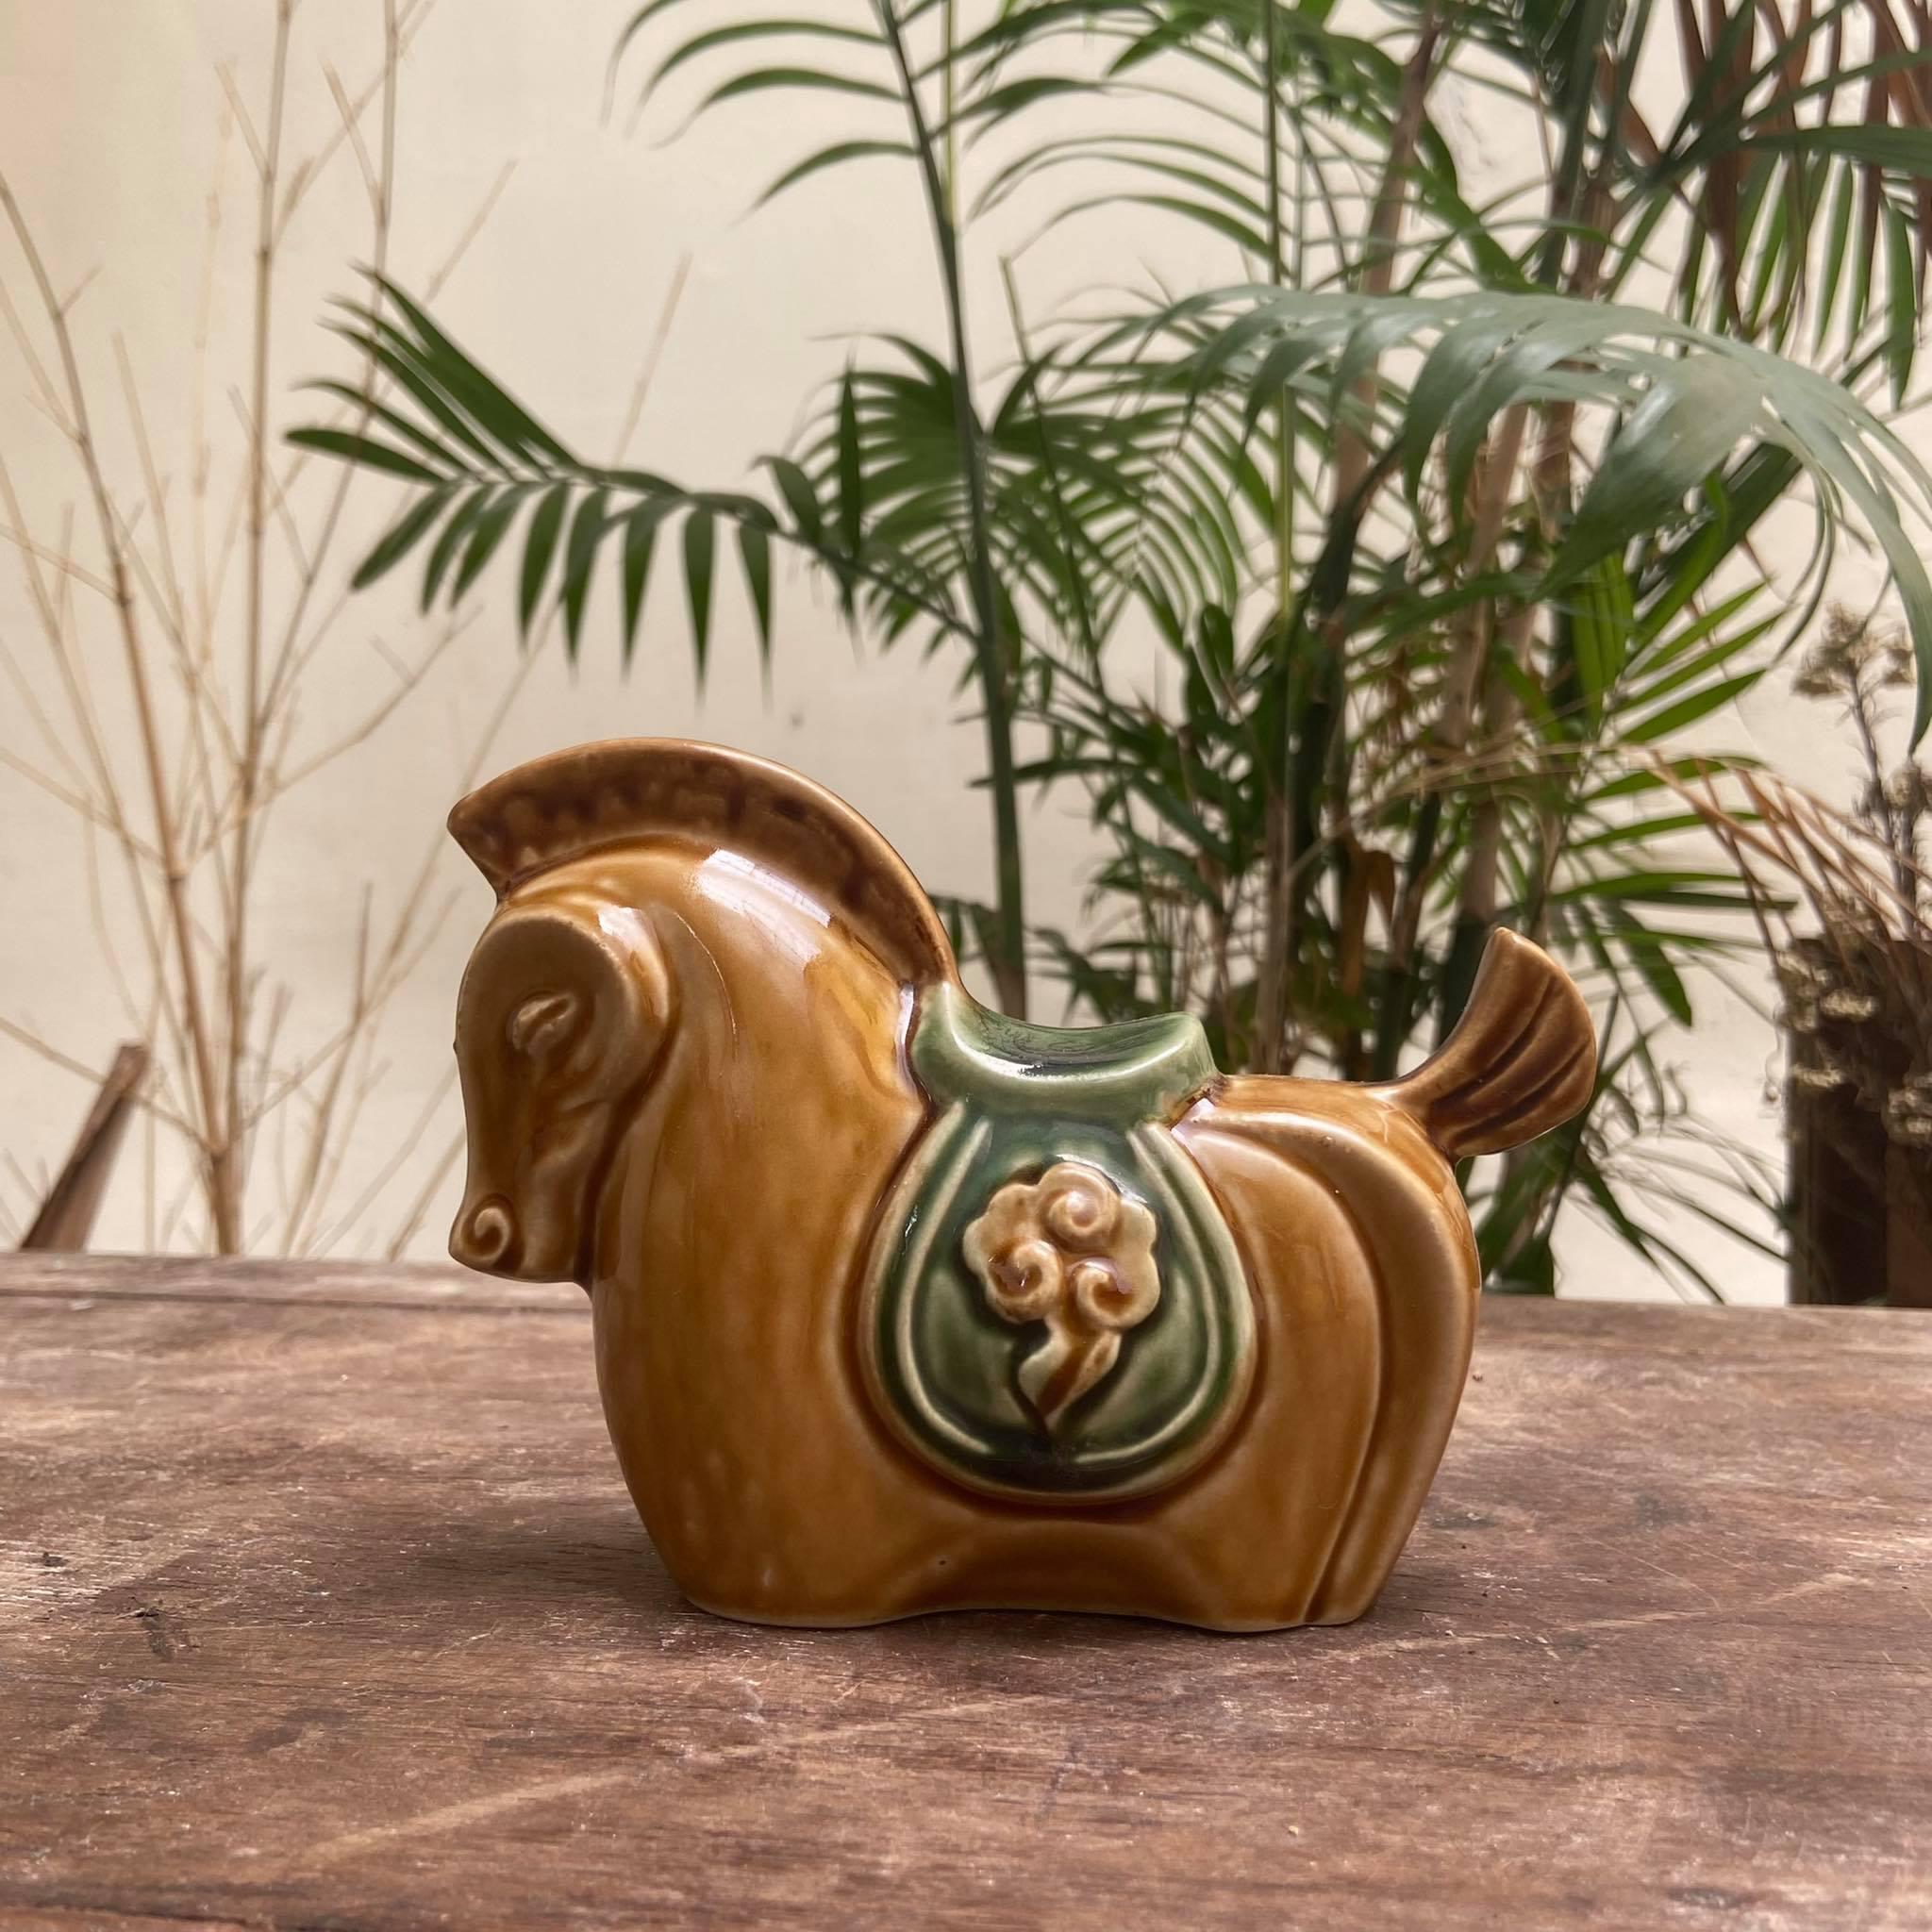 ngua-may-gom-hien-van-ceramics-sap-chang-sen